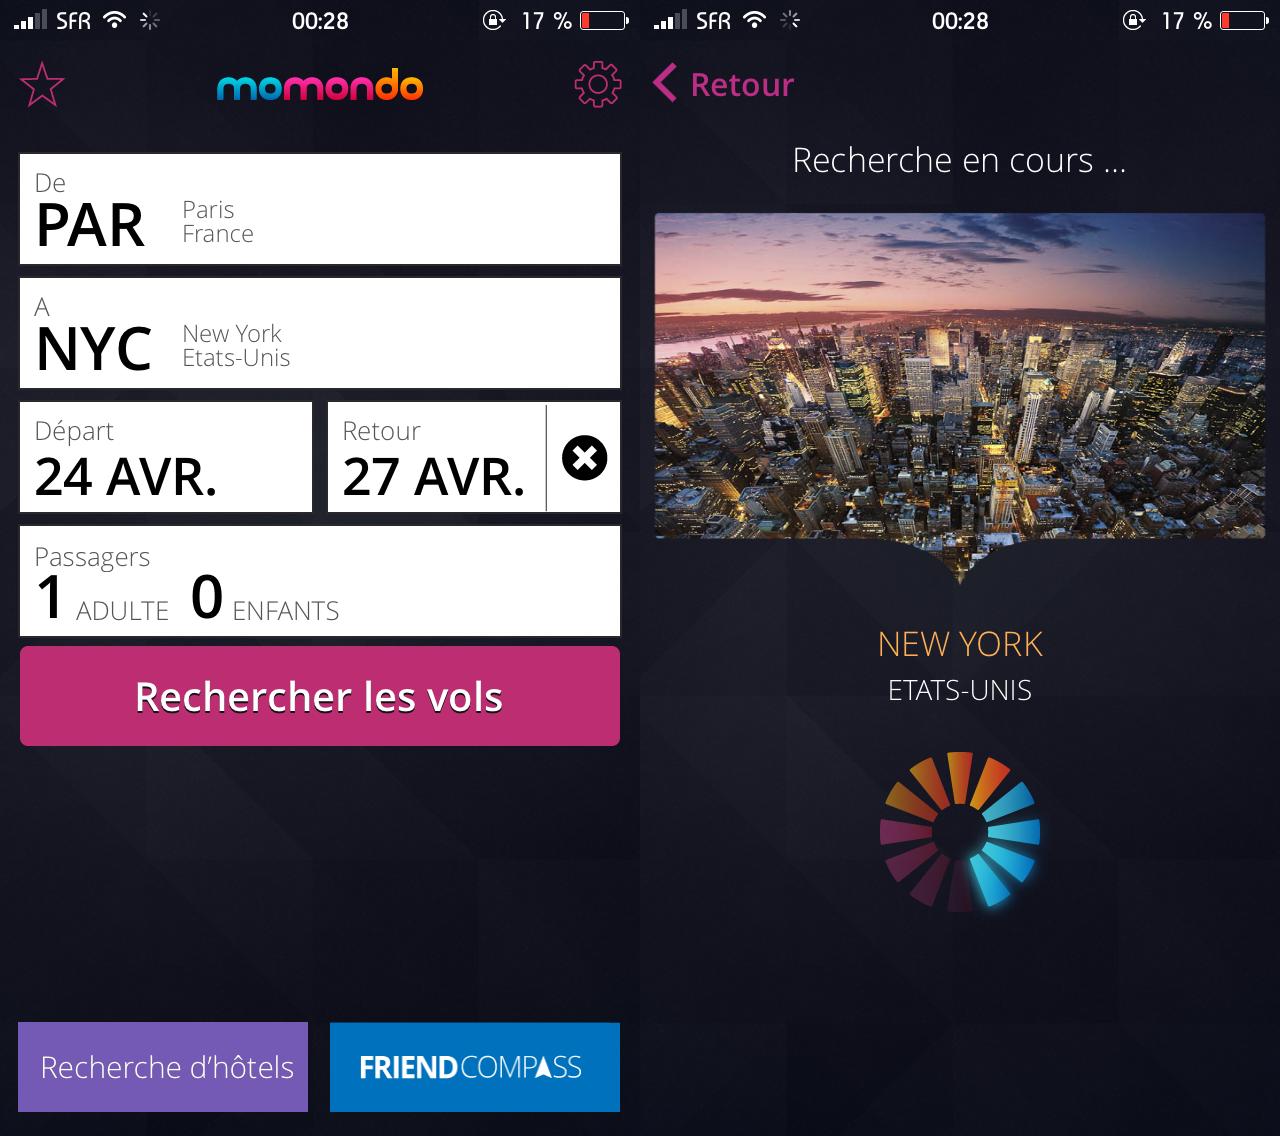 momondo - Momondo : voyages et billets d'avion pas cher